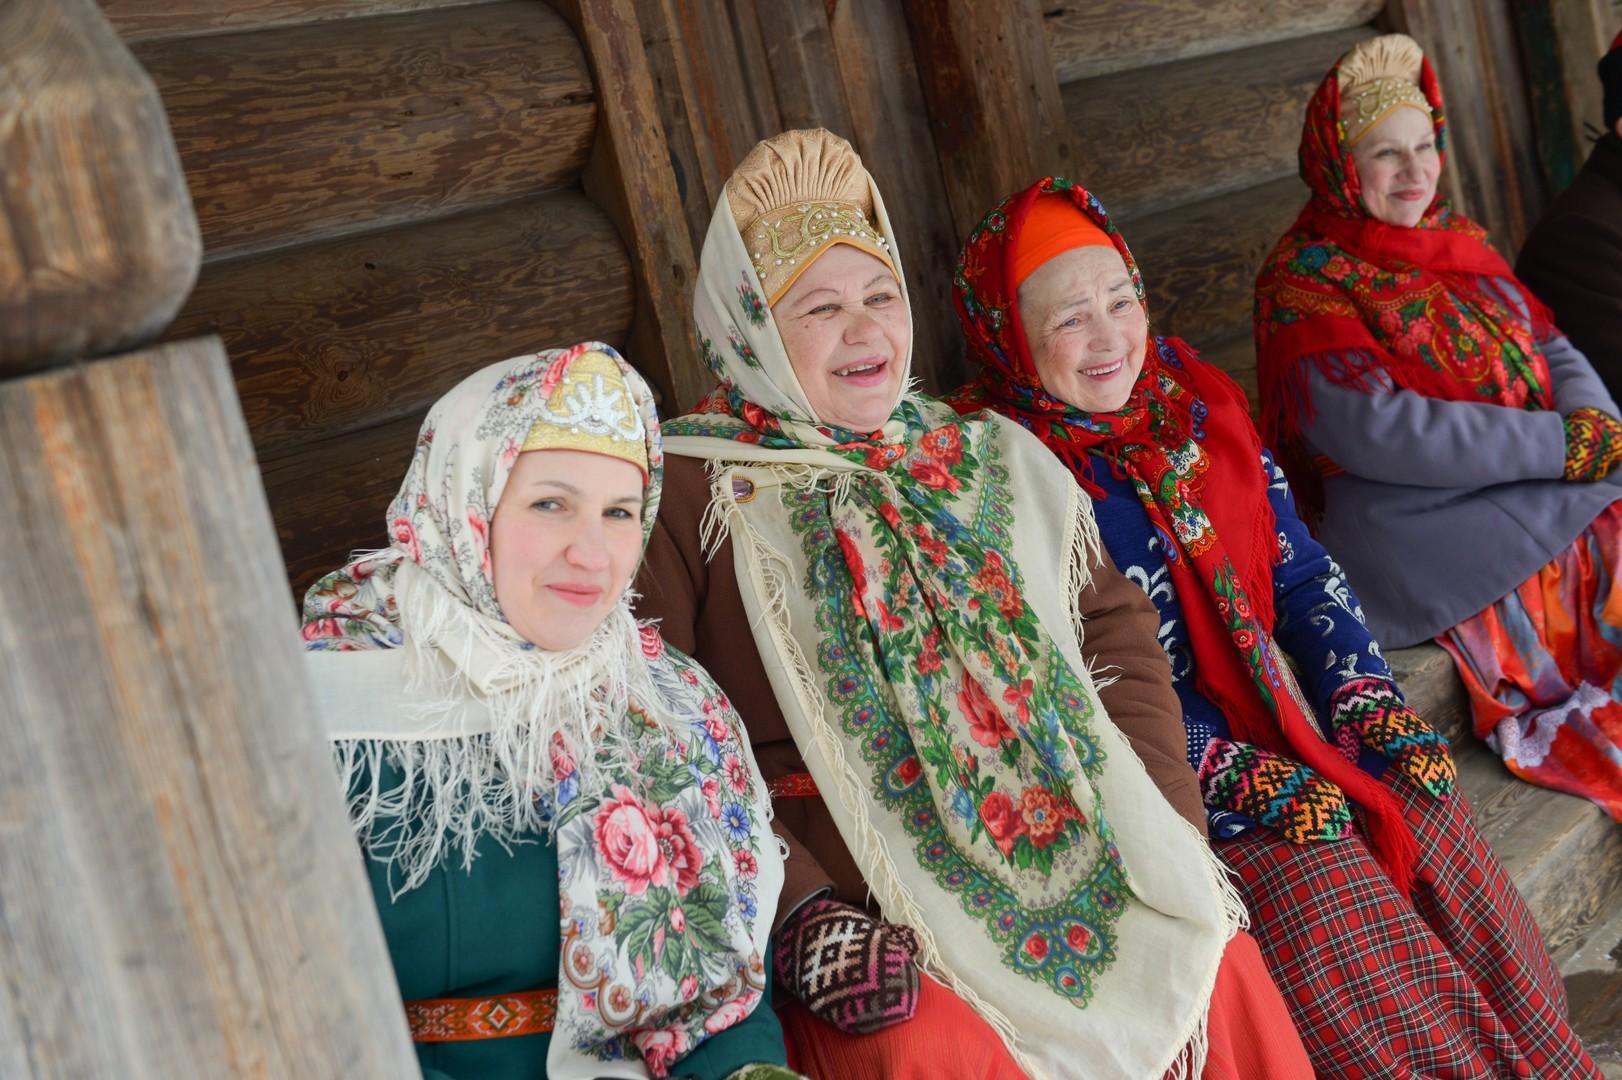 Frauen in traditioneller Kleidung.